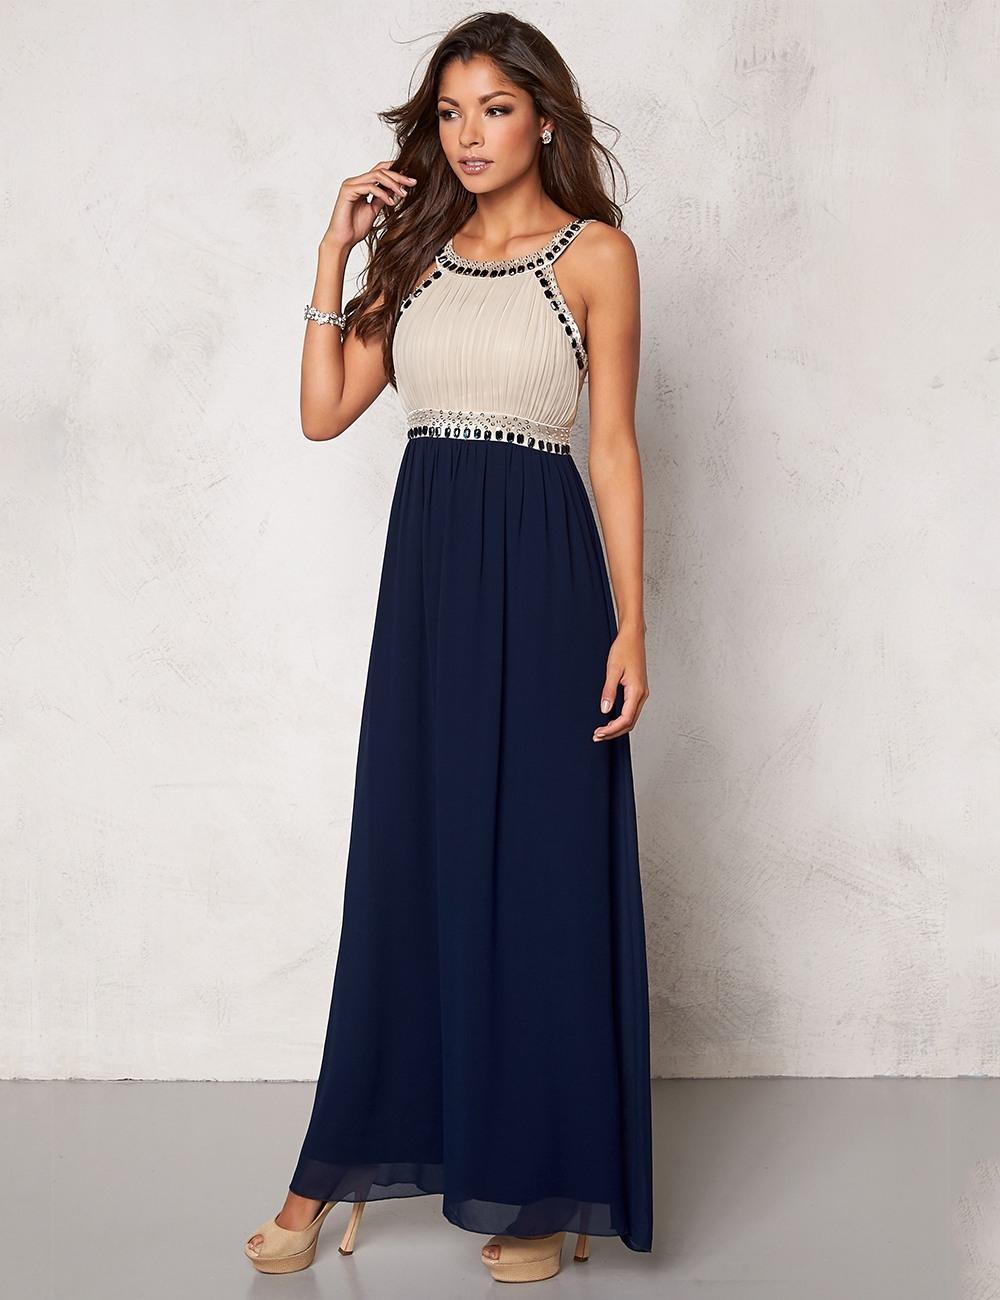 20 Elegant Kleider In Blau Boutique13 Fantastisch Kleider In Blau Ärmel